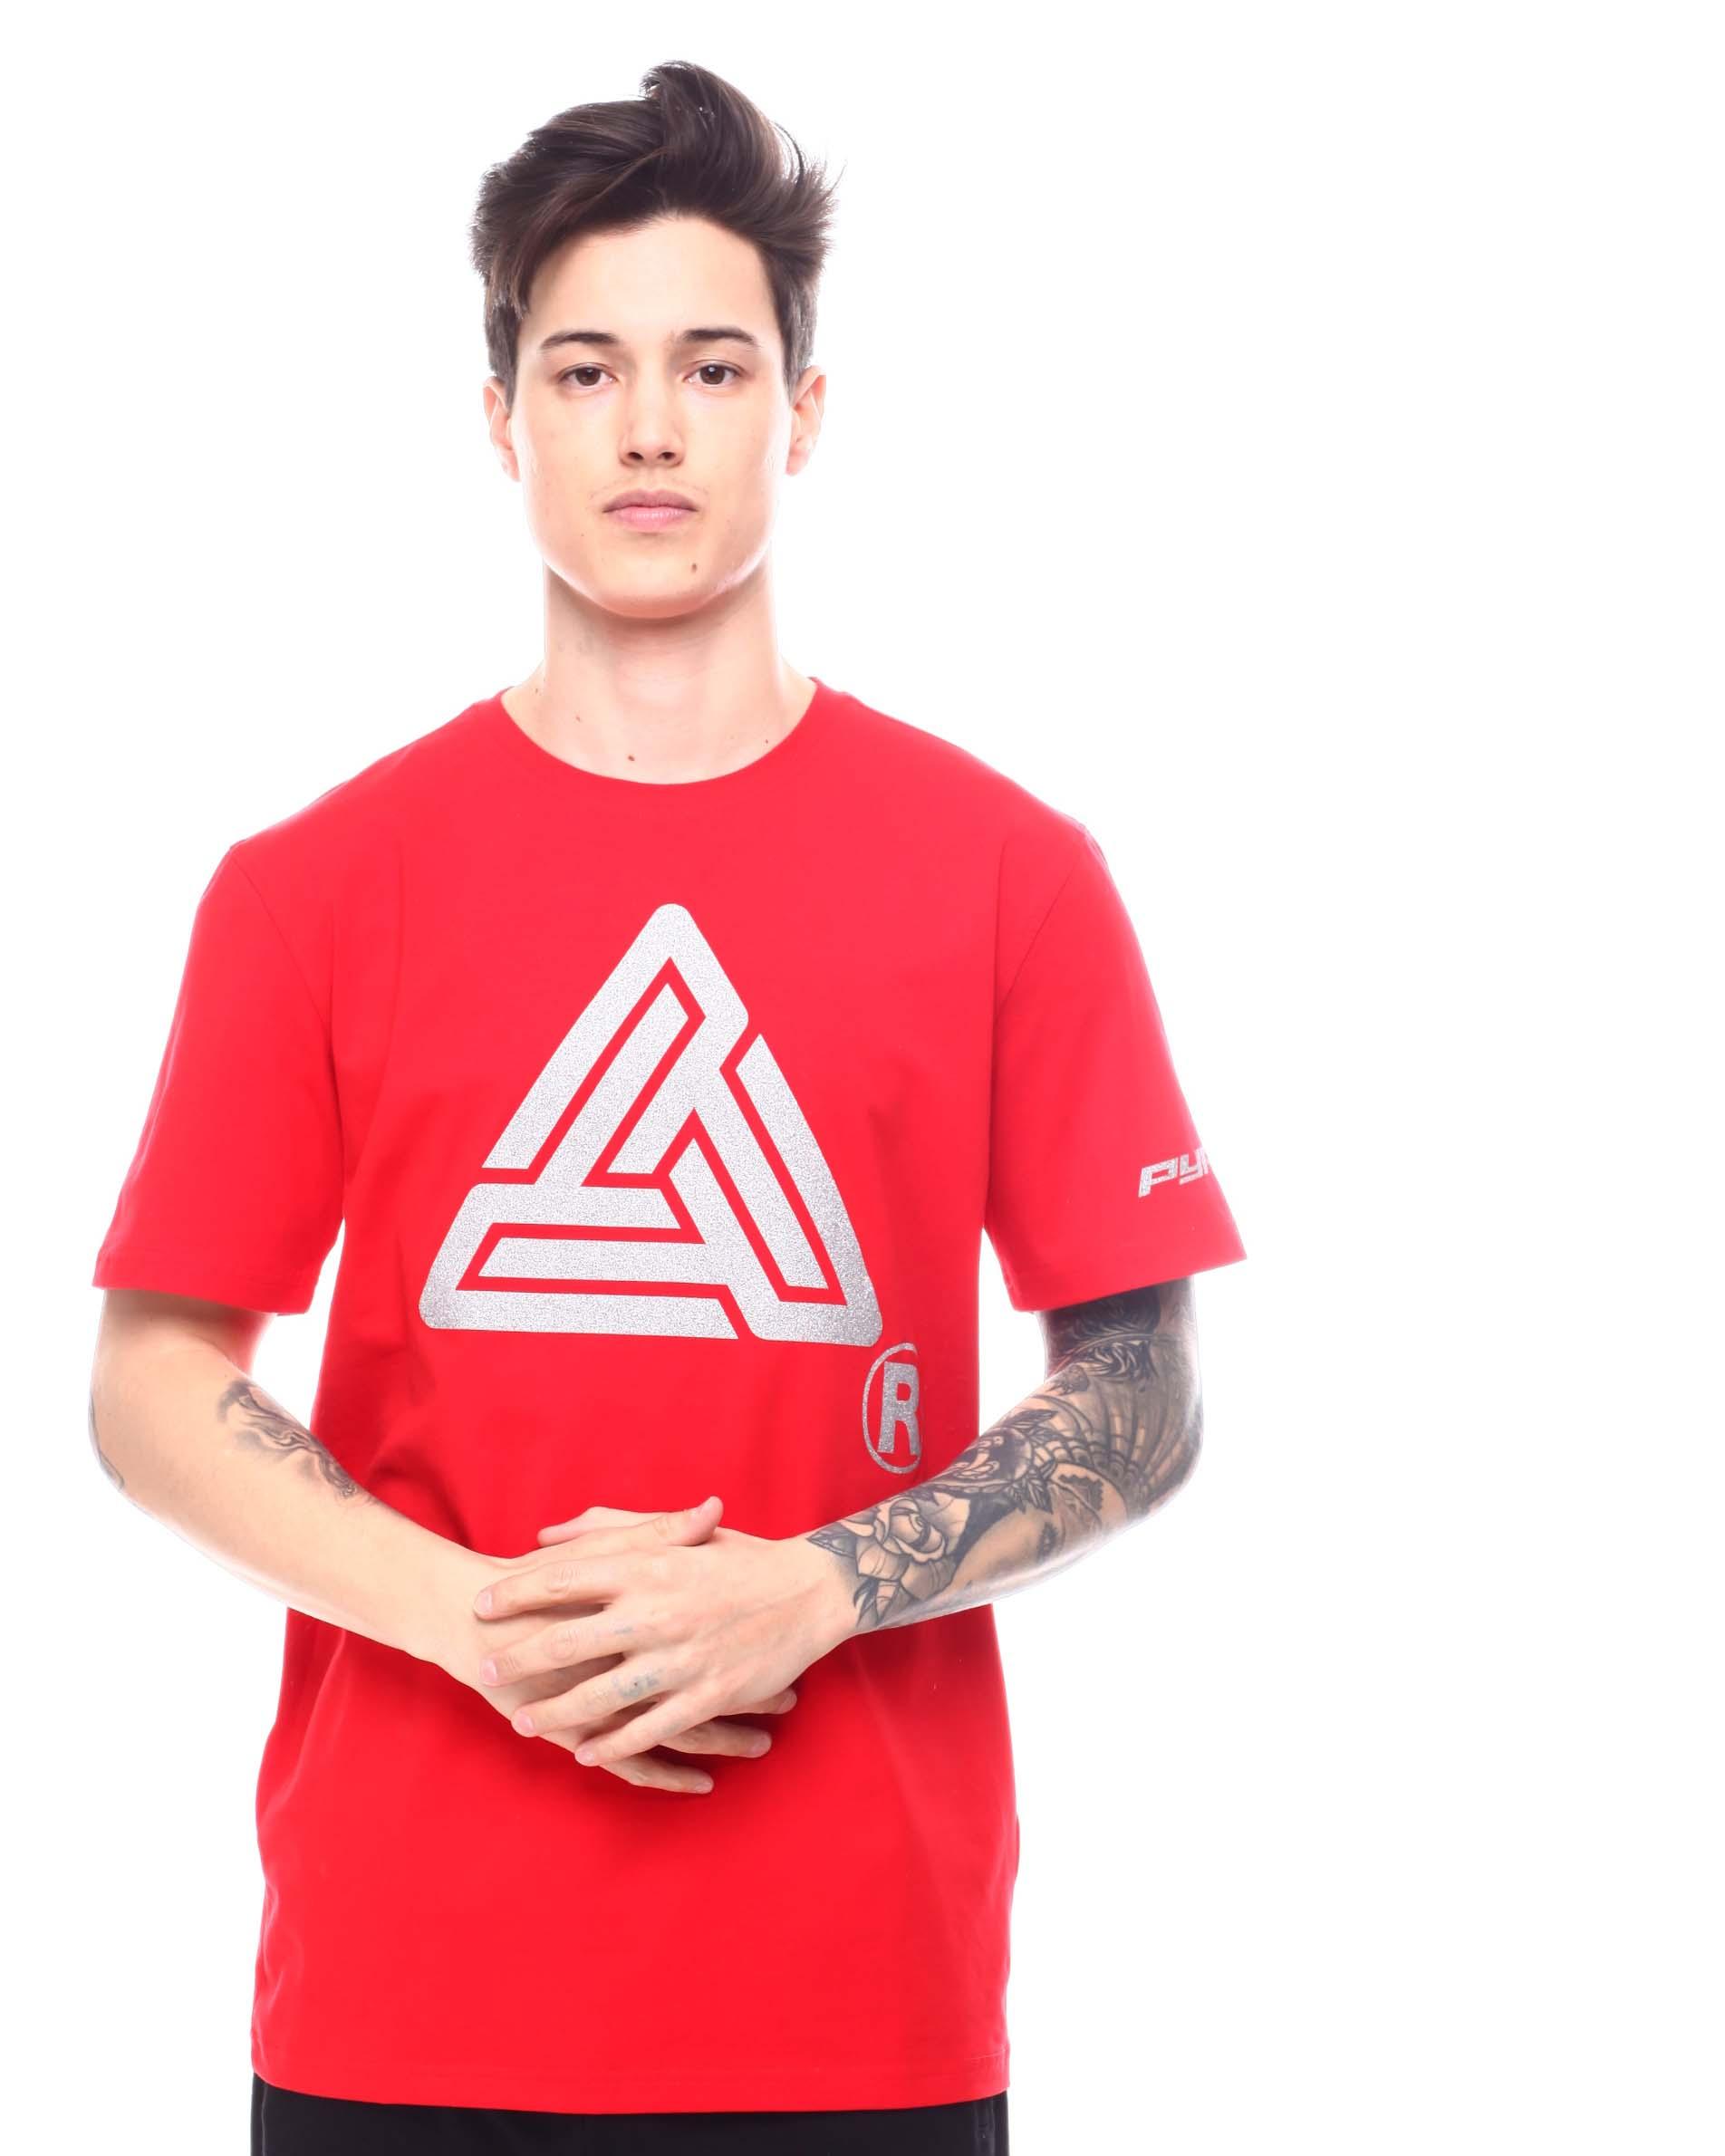 Angle #3